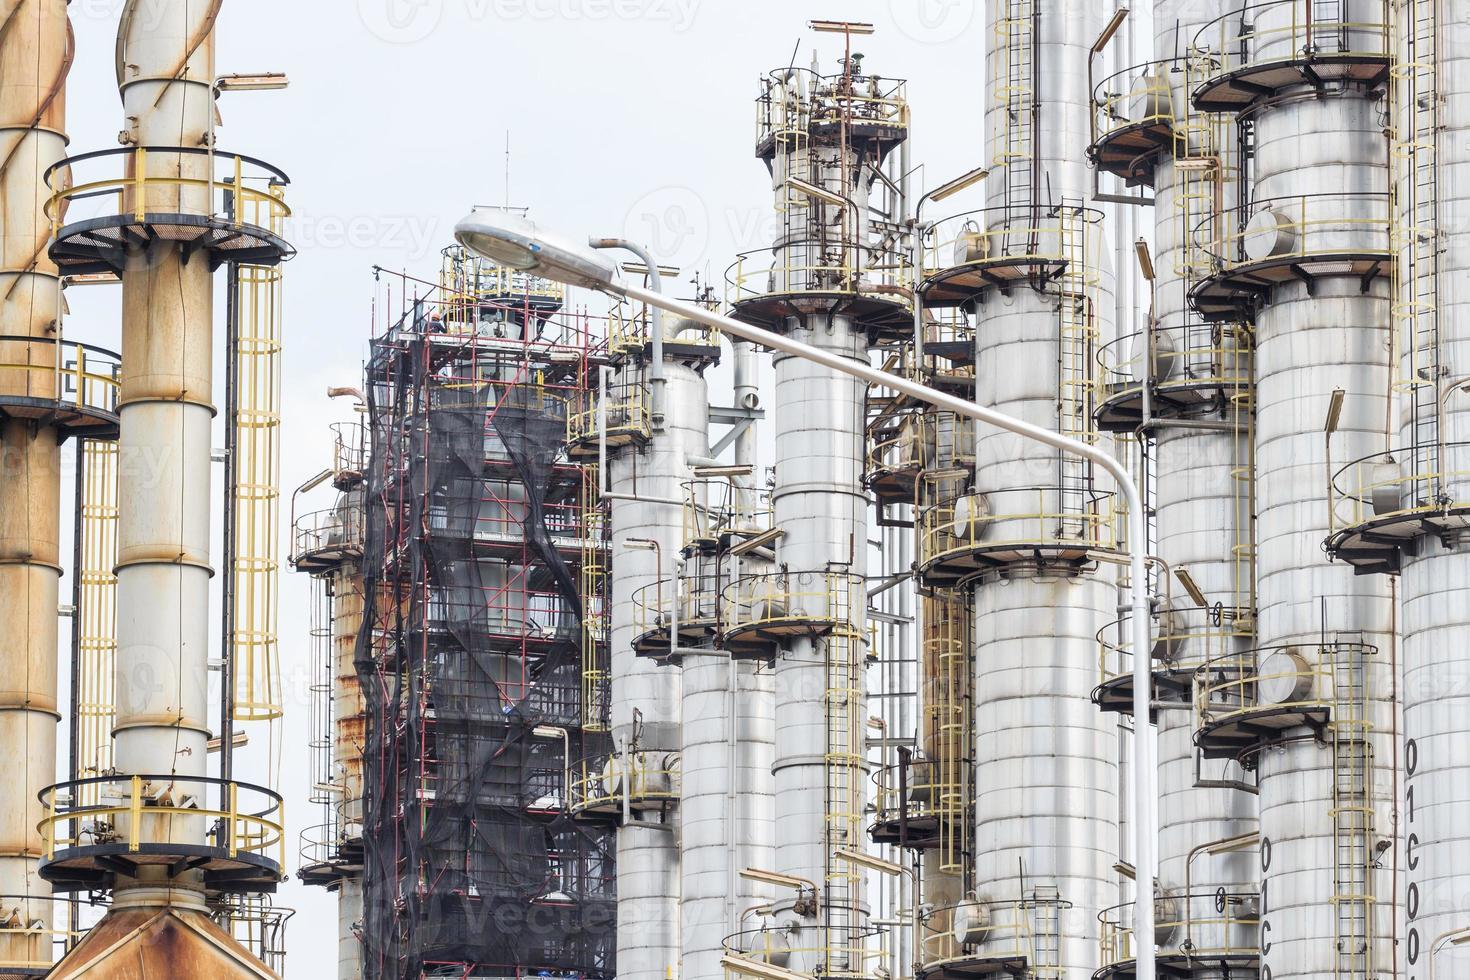 torre della fabbrica di petrolio foto